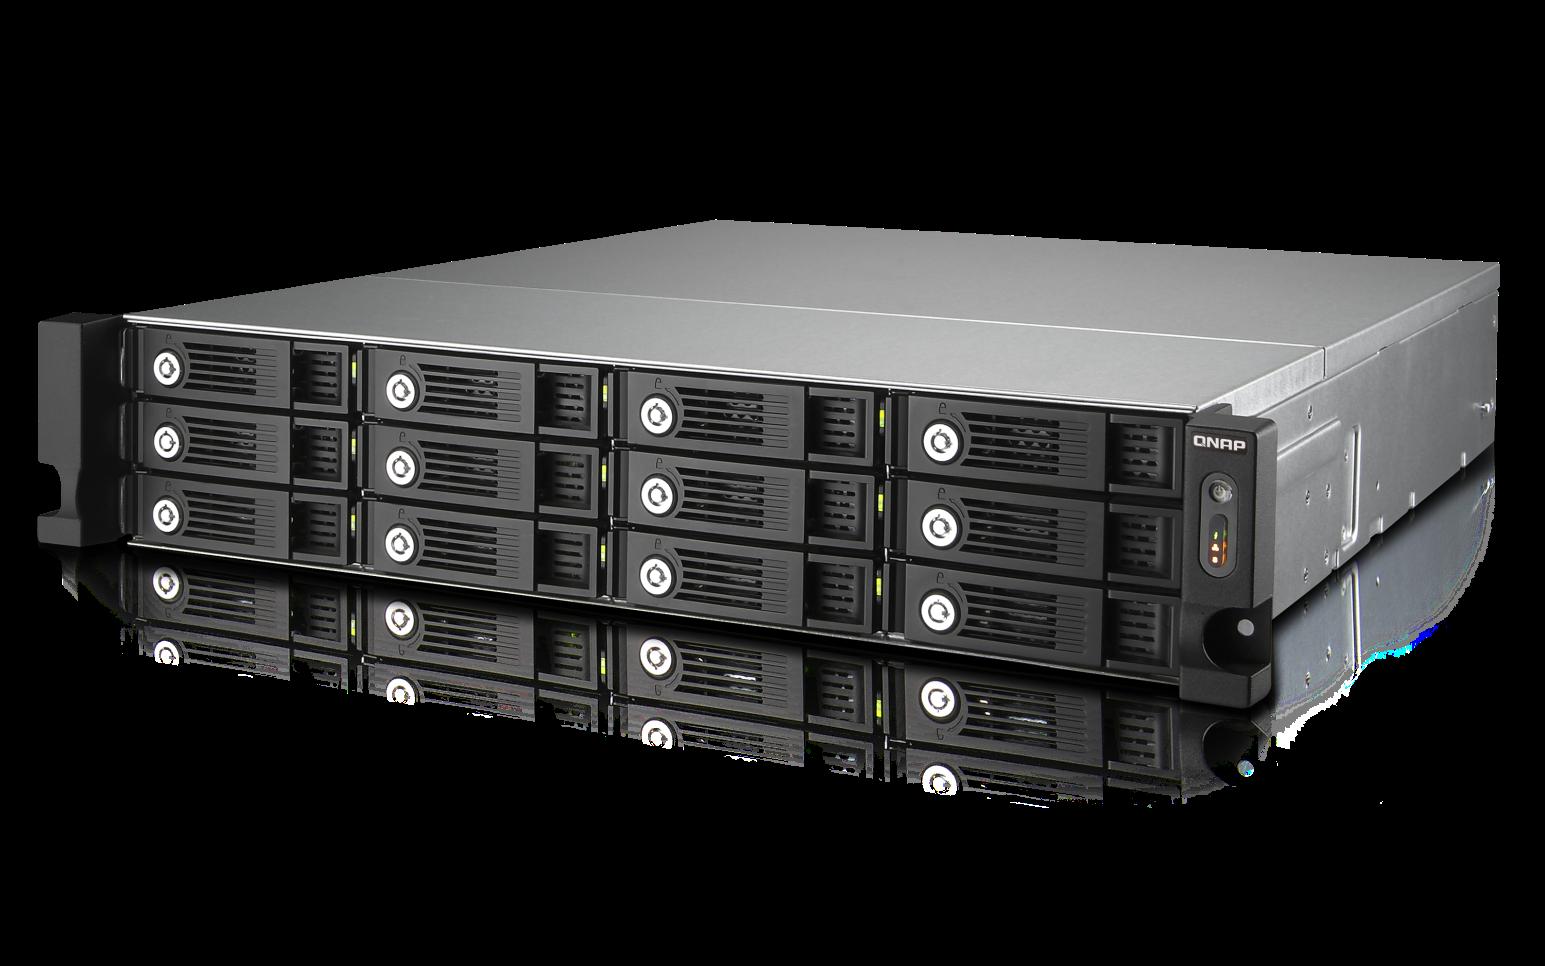 QNAP TS-1253U (2,41G/4GB RAM/12xSATA)